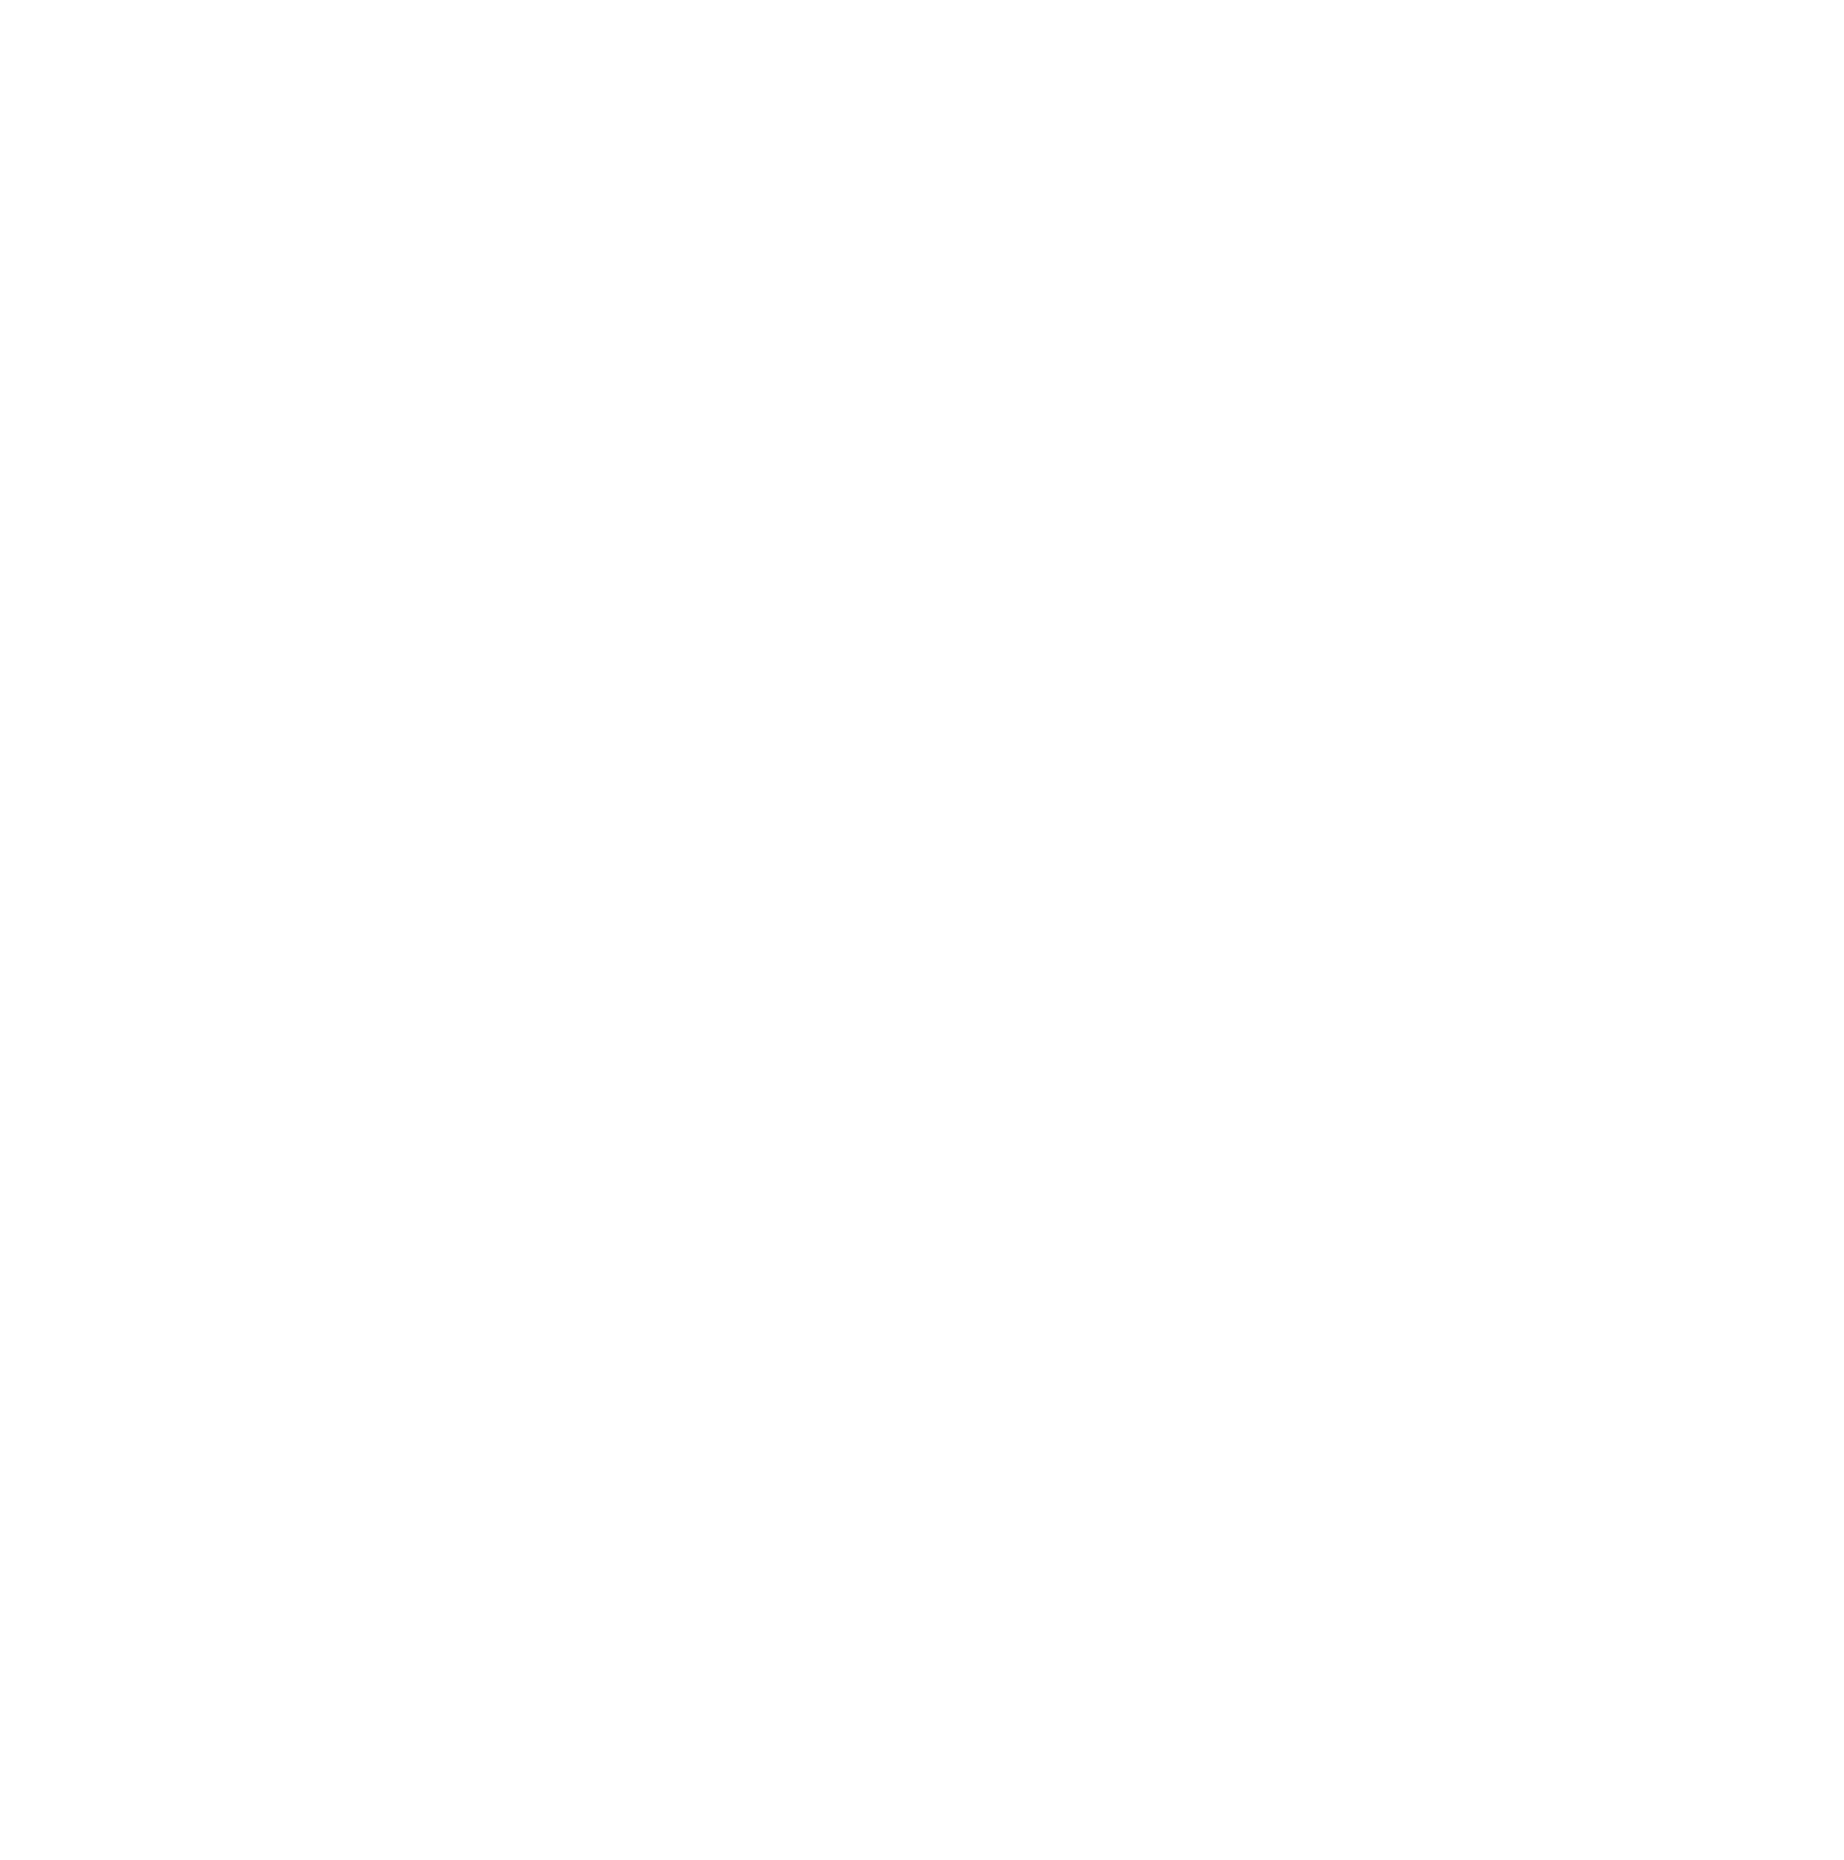 Restaurant-consulting